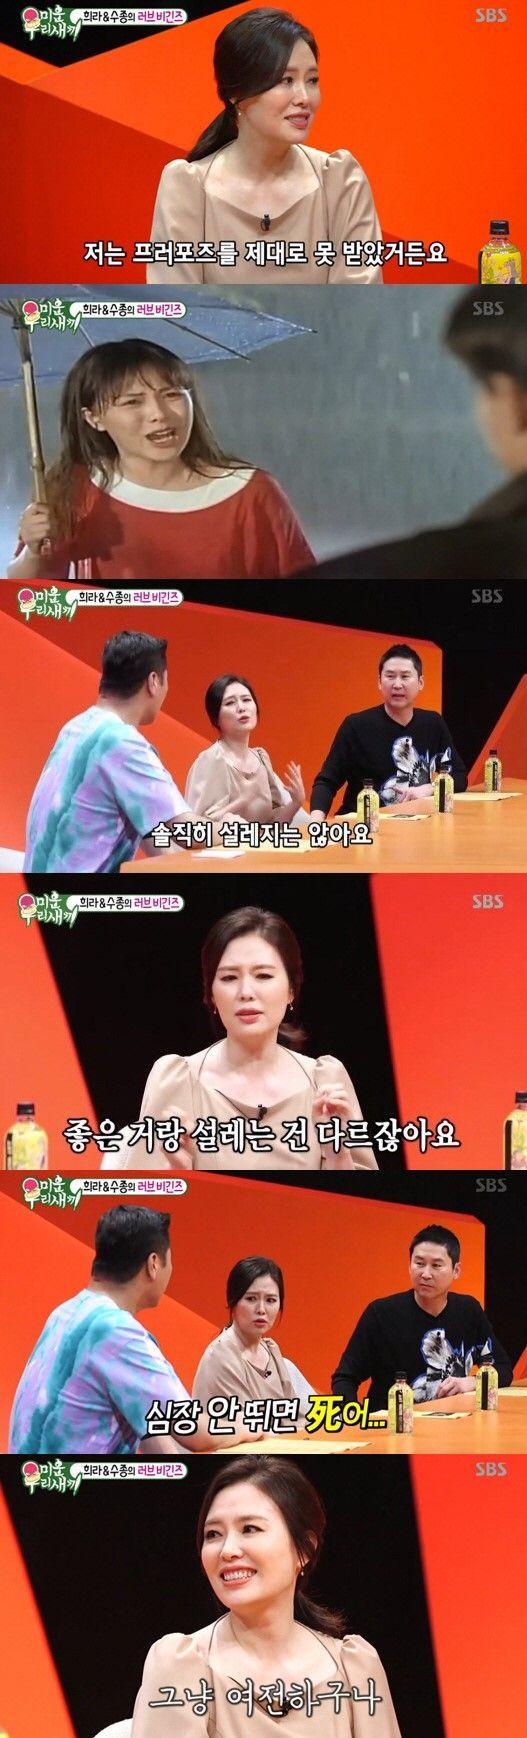 배우 하희라가 게스트로 출연해 남편 최수종과의 러브스토리를 공개했다/사진=SBS '미운 우리 새끼'